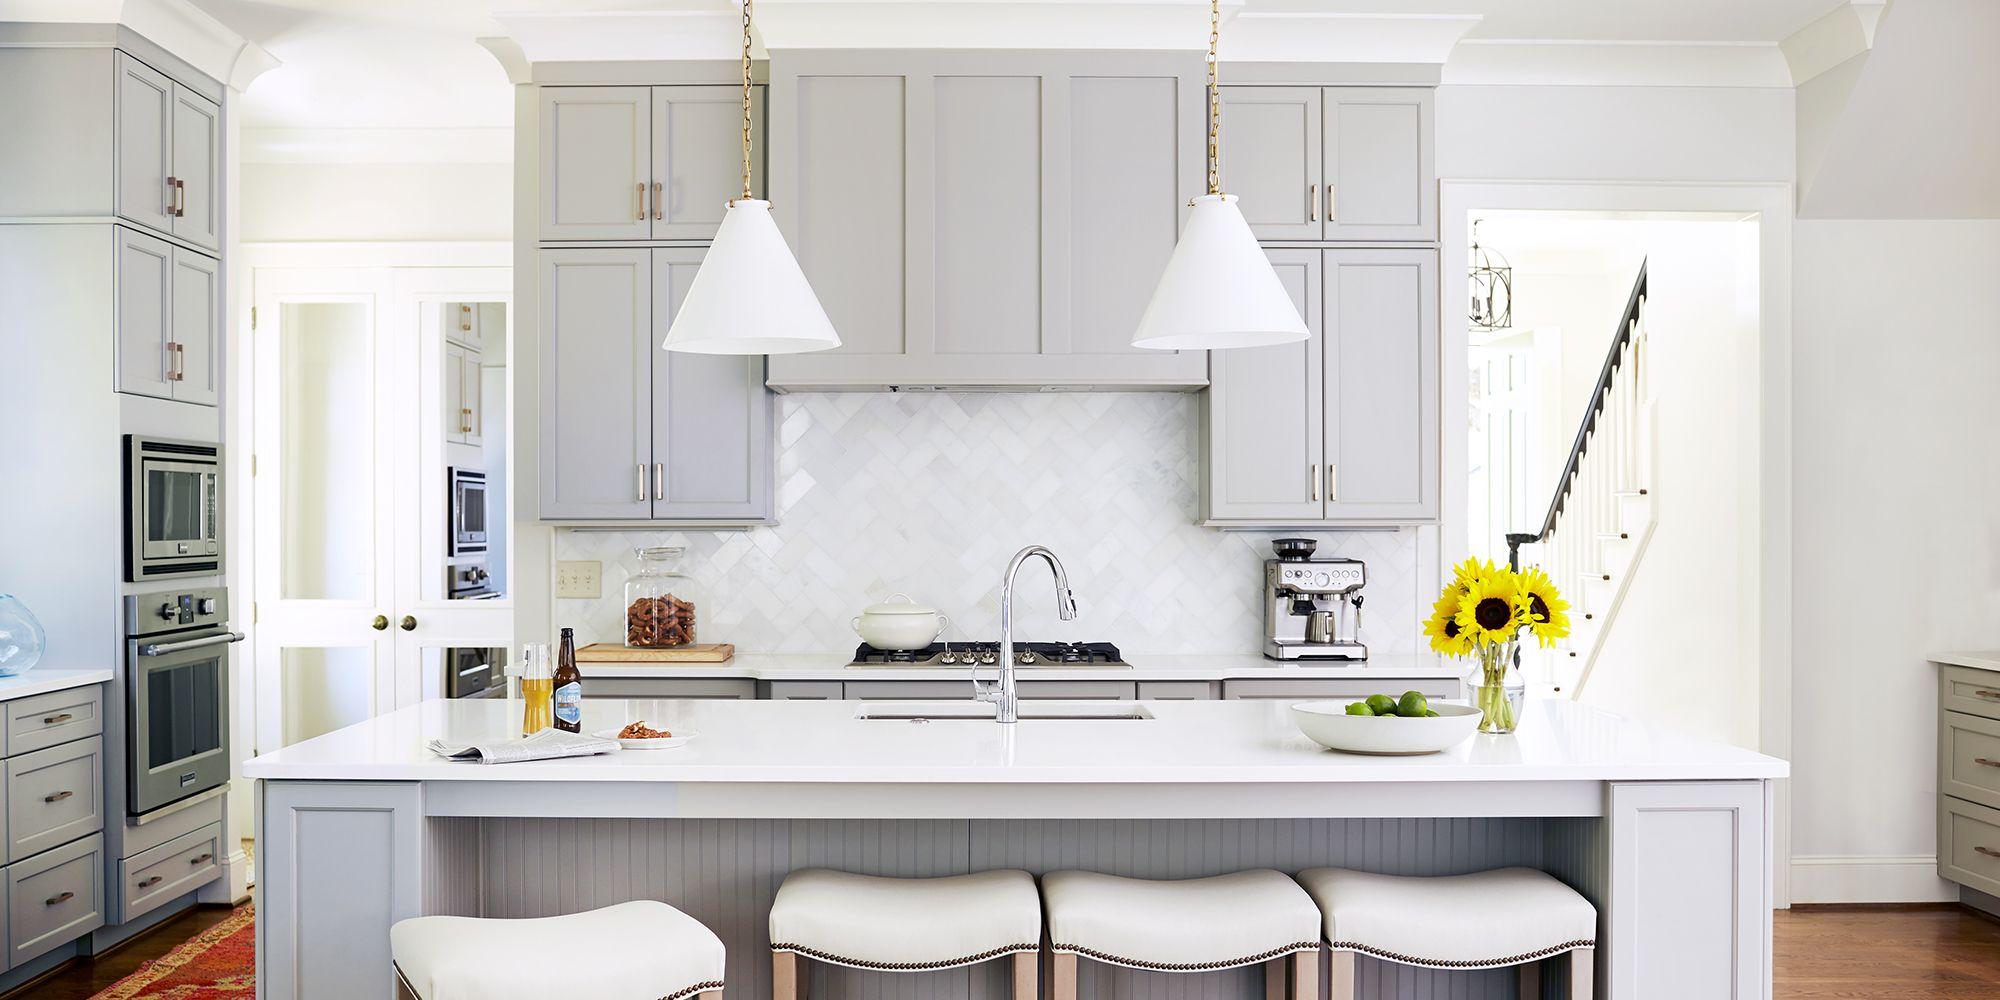 28 Stylish Range Hoods , Ideas for Kitchen Hoods for Ovens